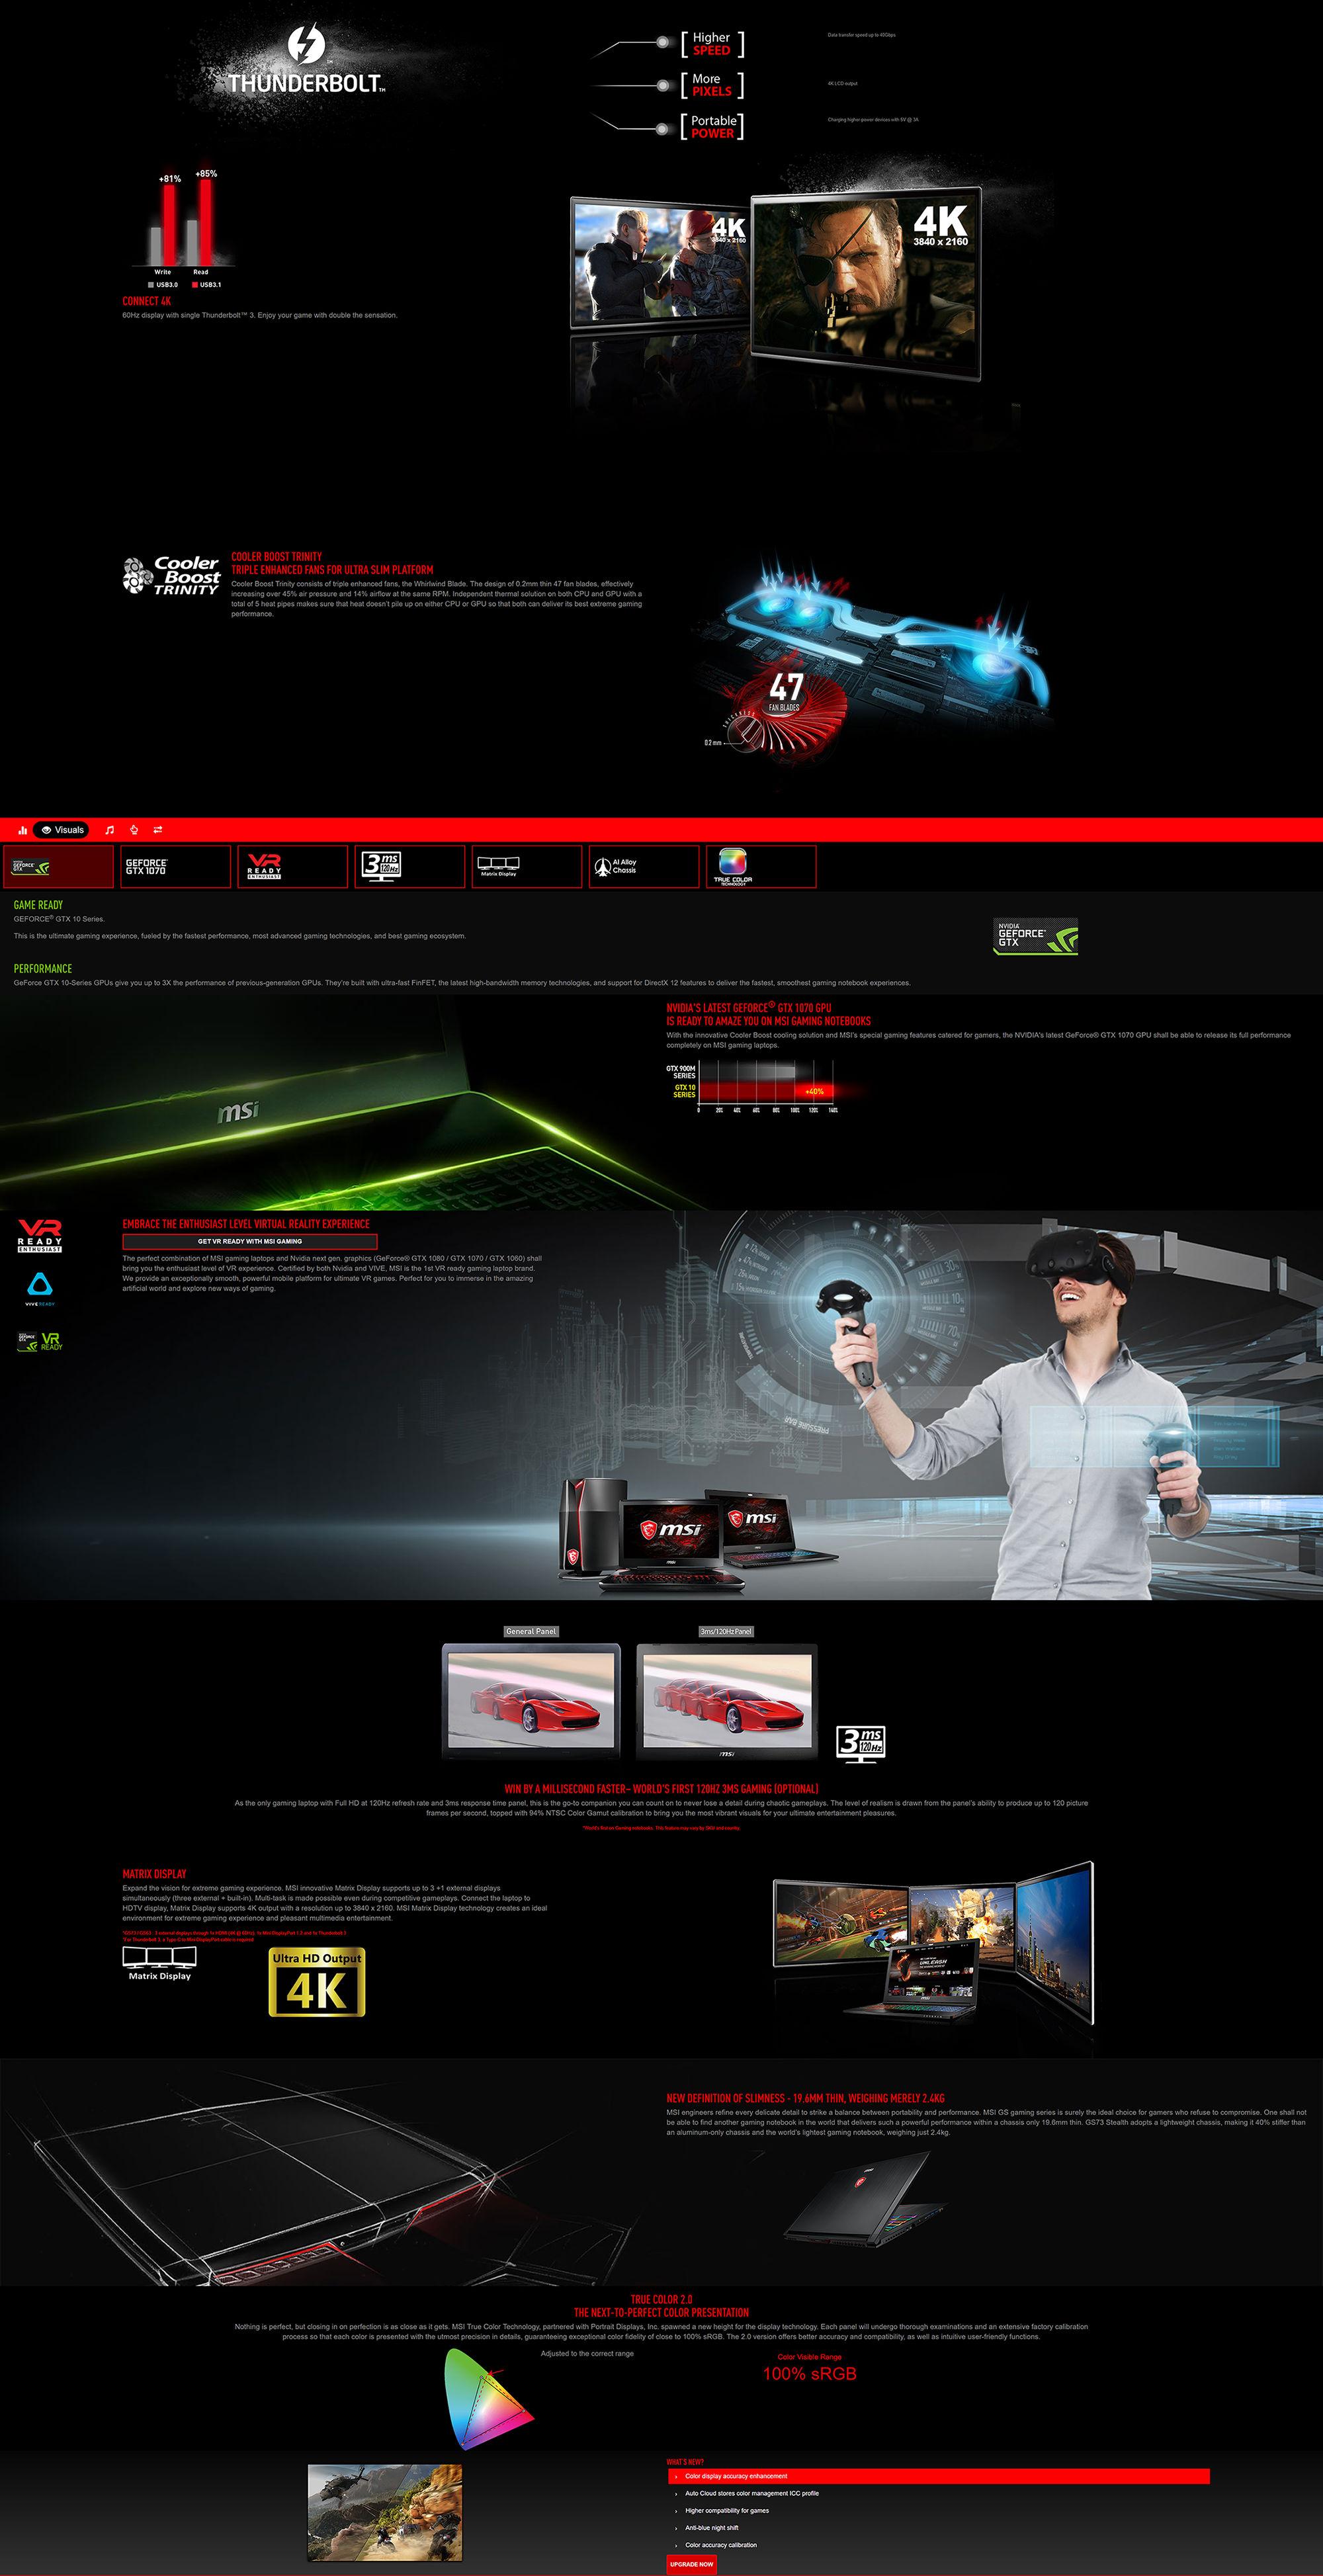 MSI GS73 17 3in FHD 120Hz i7 8750H GTX 1070 512GB SSD + 2TB HDD Gaming  Laptop (8RF-017AU)